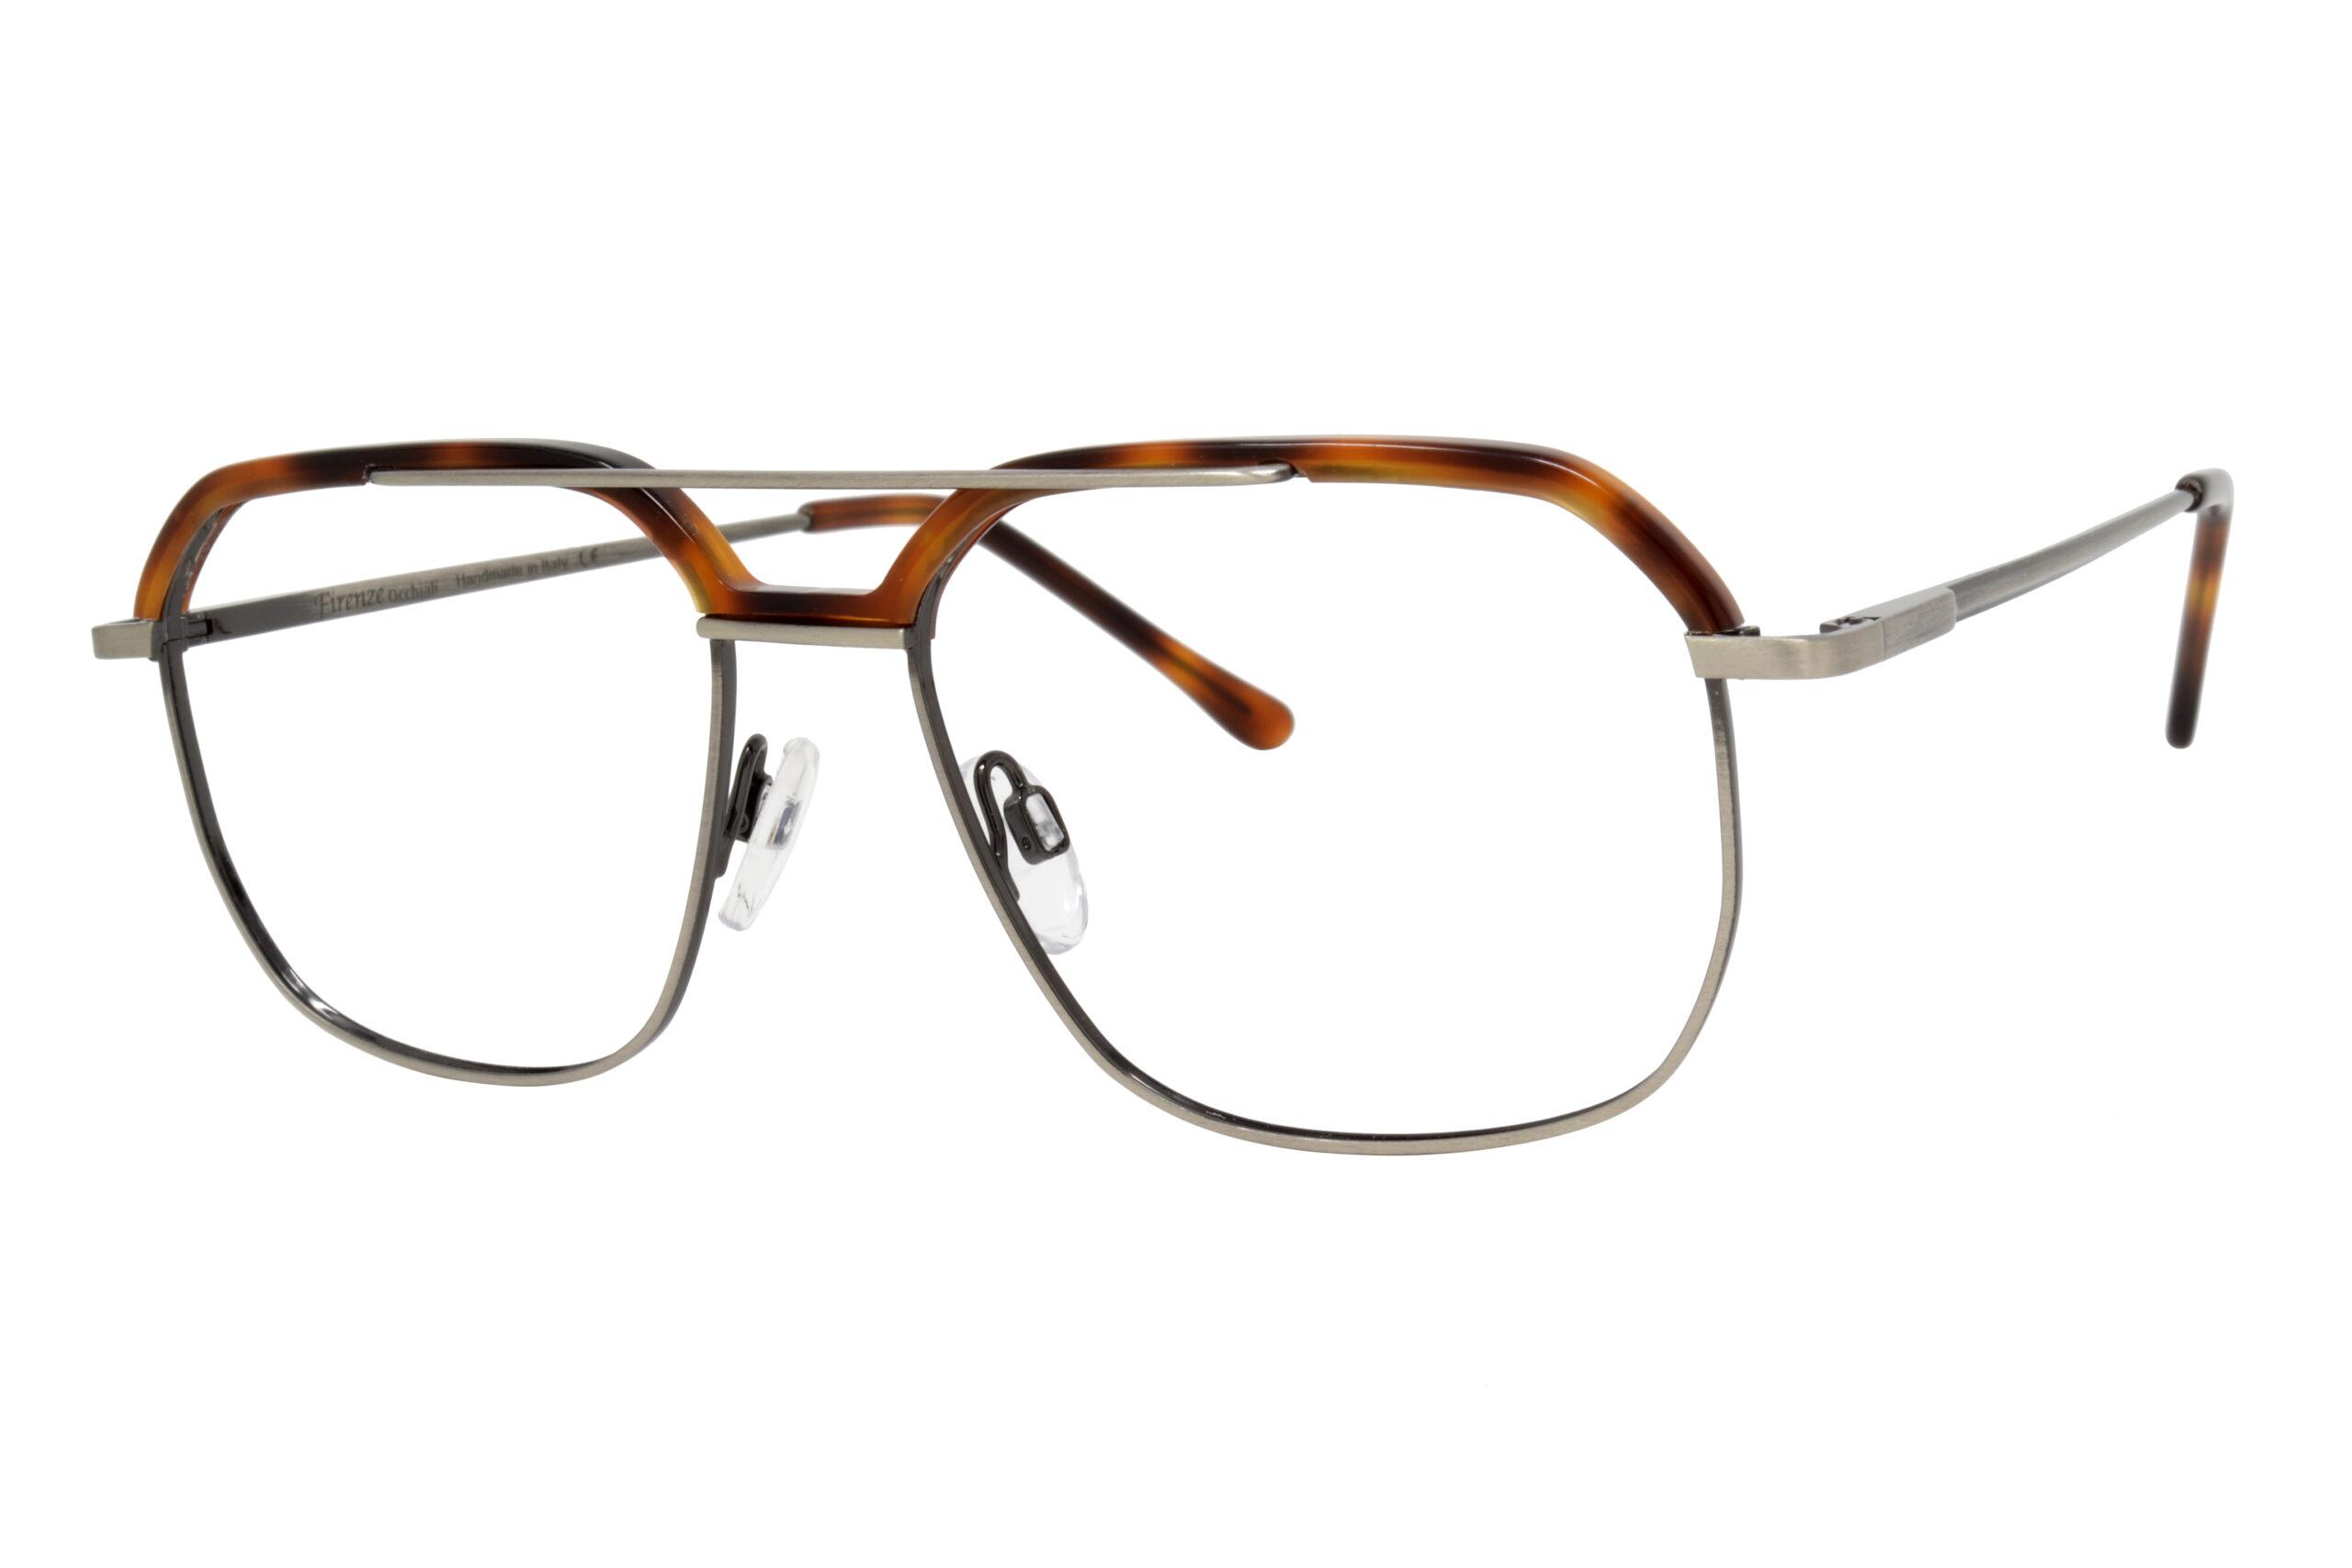 Dolabany Eyewear Firenze Occhiali Cortona A.Silver